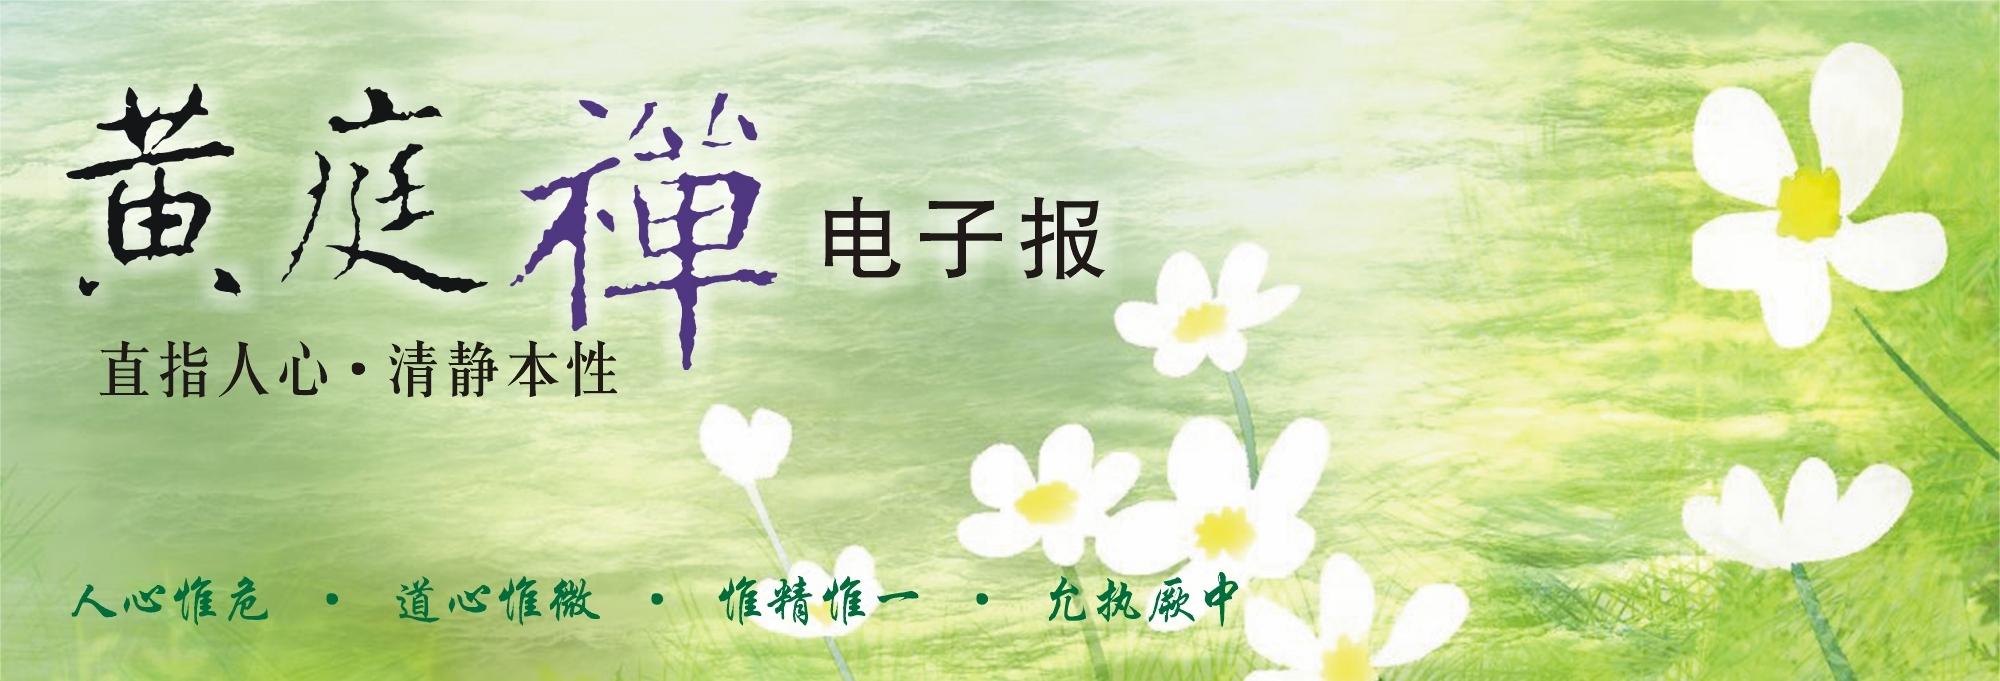 中华黄庭禅学会2019.05.01电子报